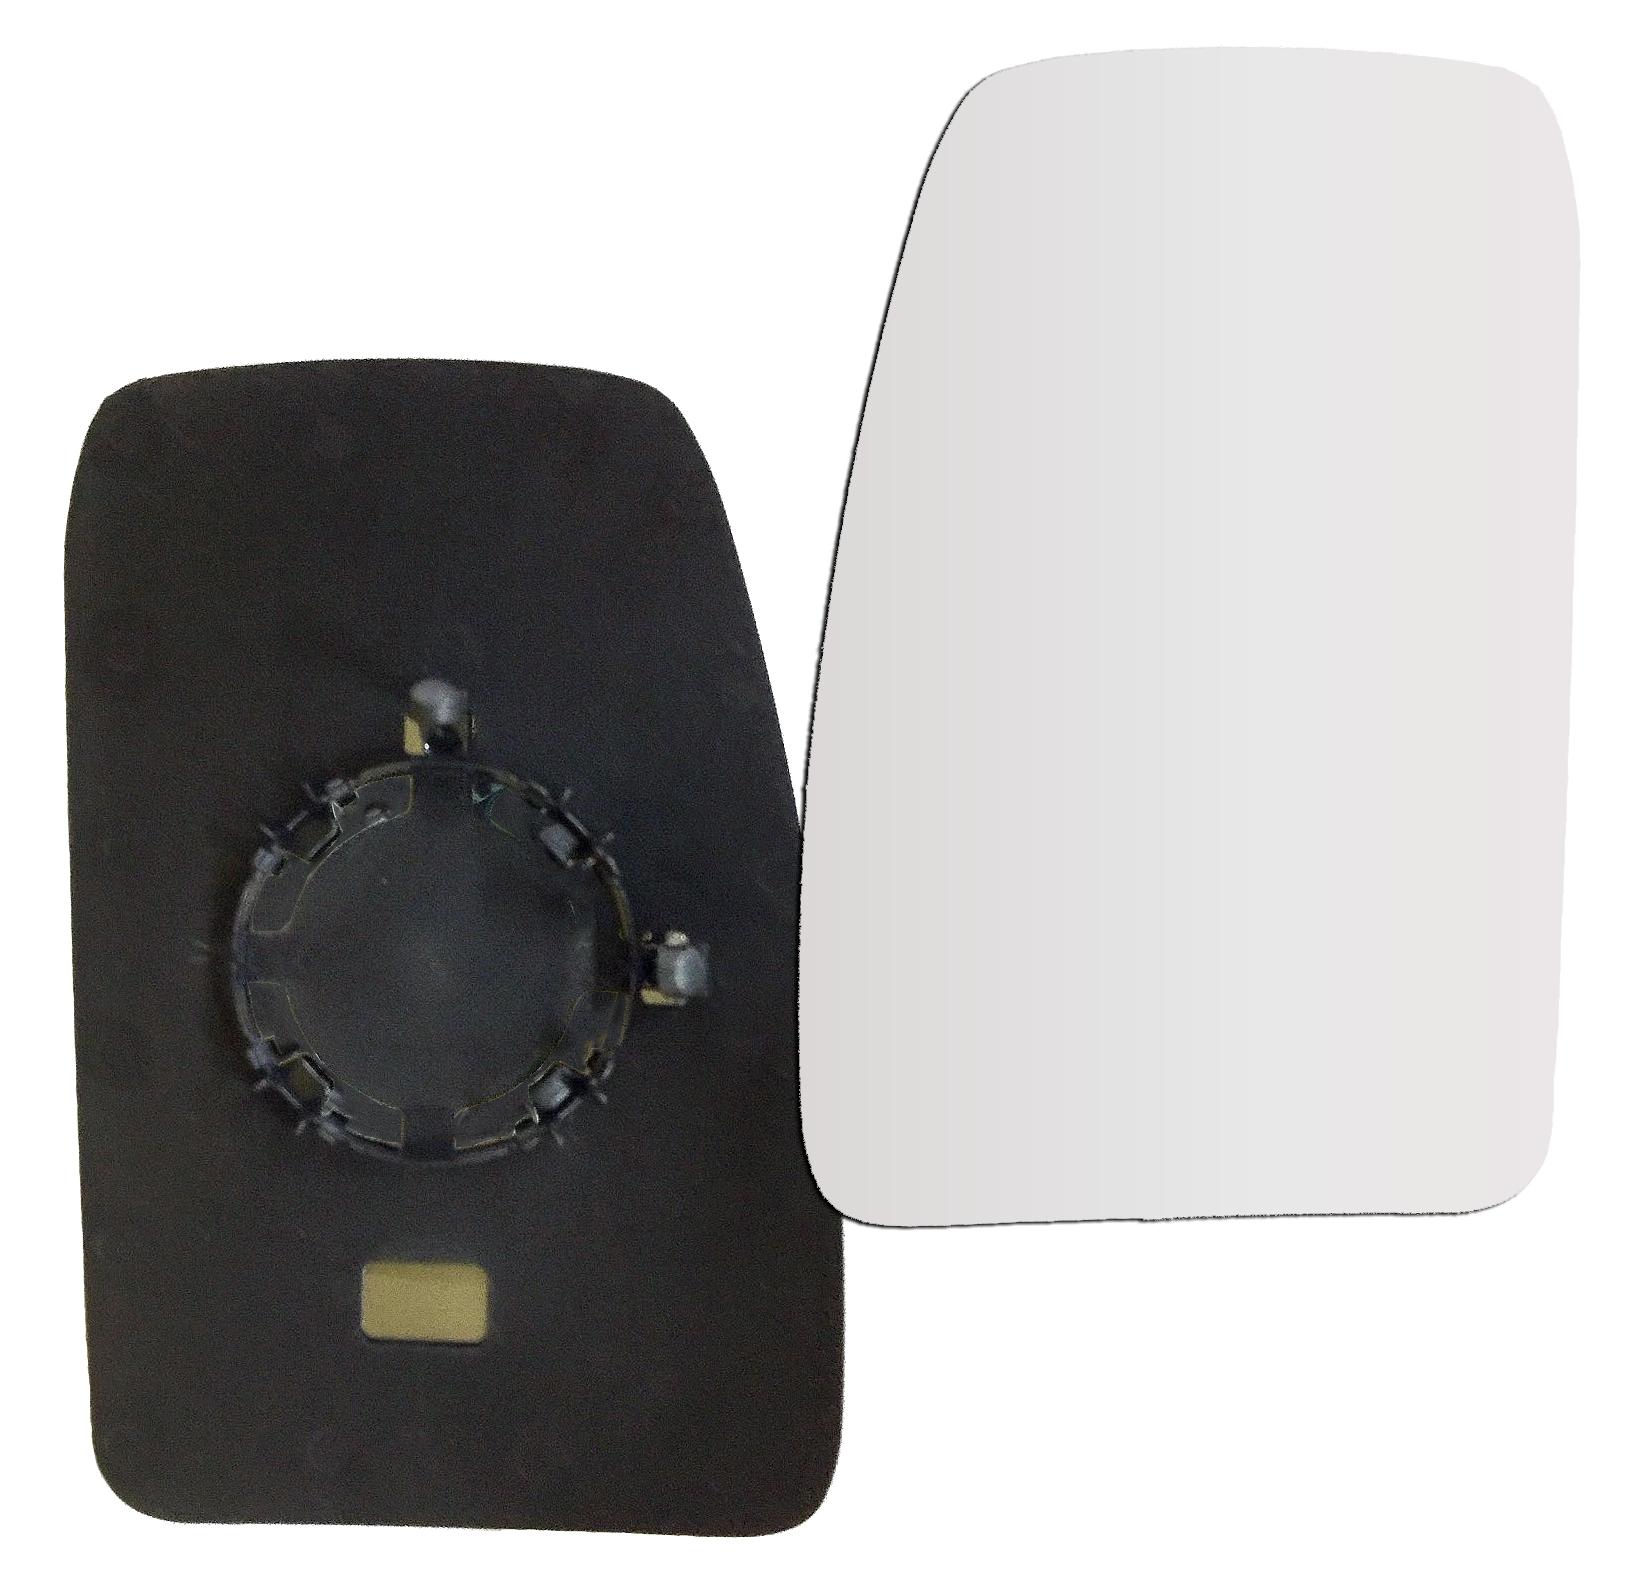 spiegelglas links oben nissan nv400 opel movano b renault. Black Bedroom Furniture Sets. Home Design Ideas